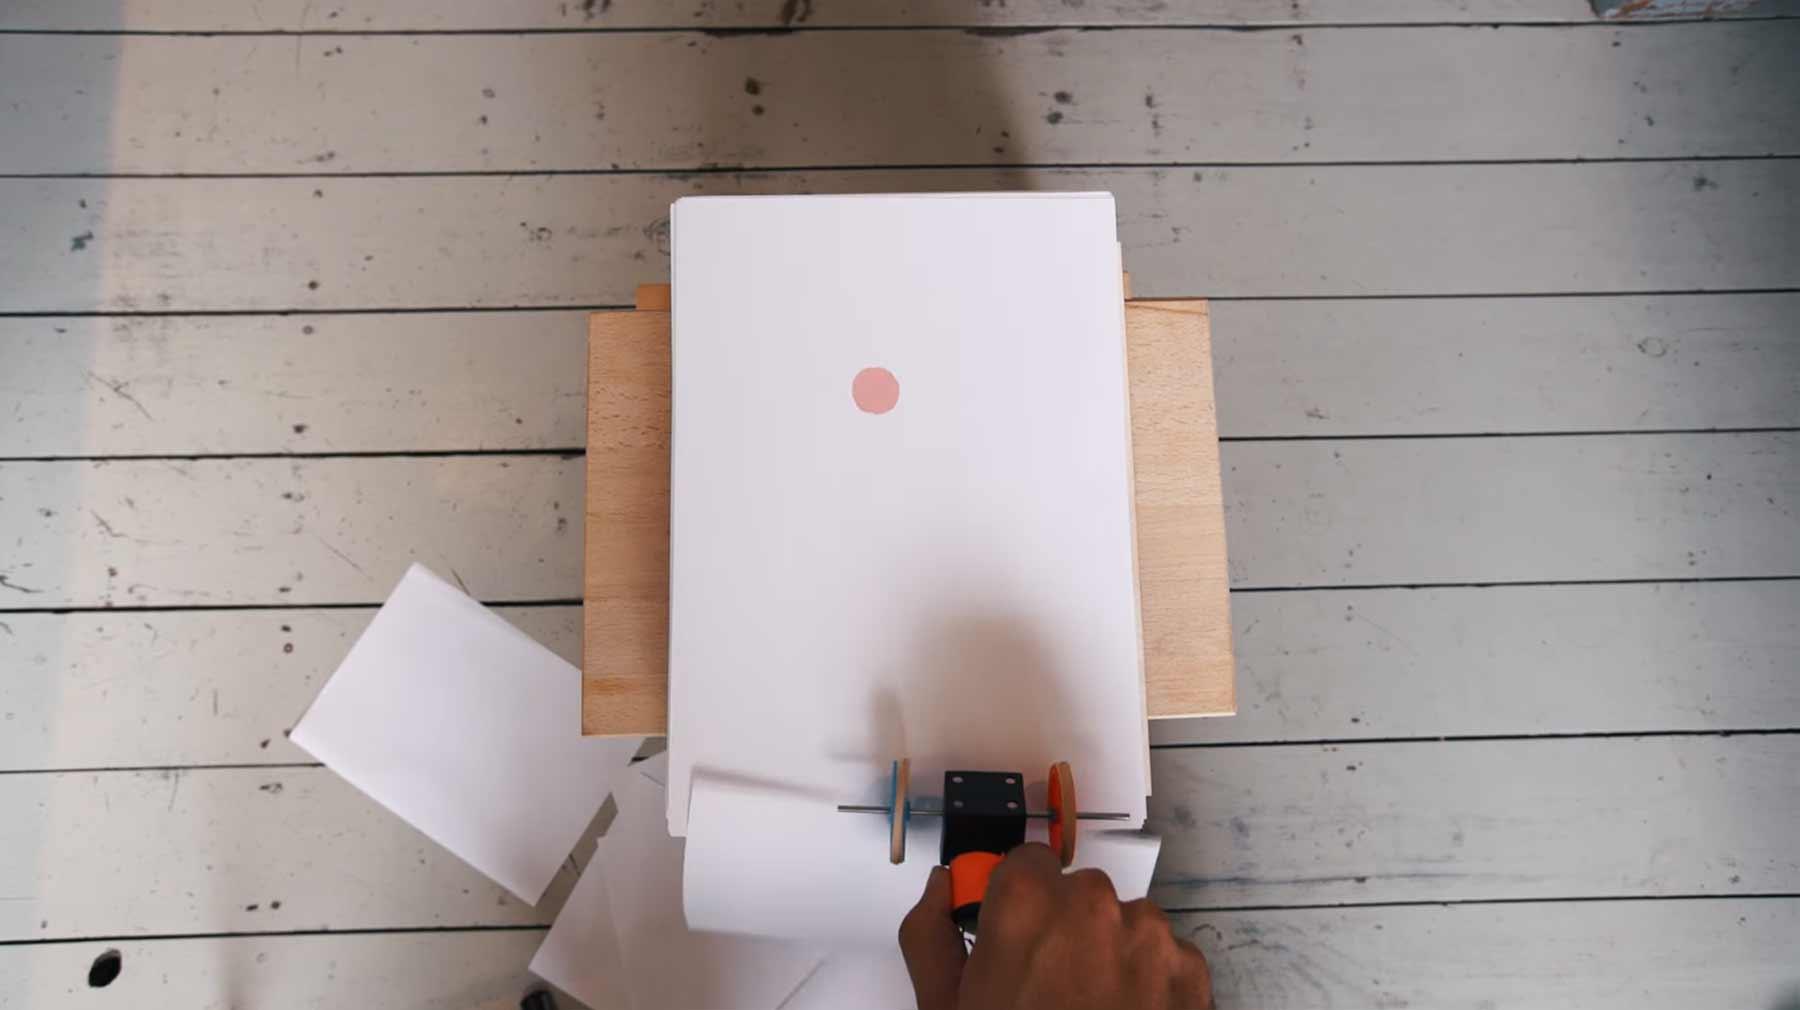 1.000 Blatt Papier wegziehen ergibt Animation